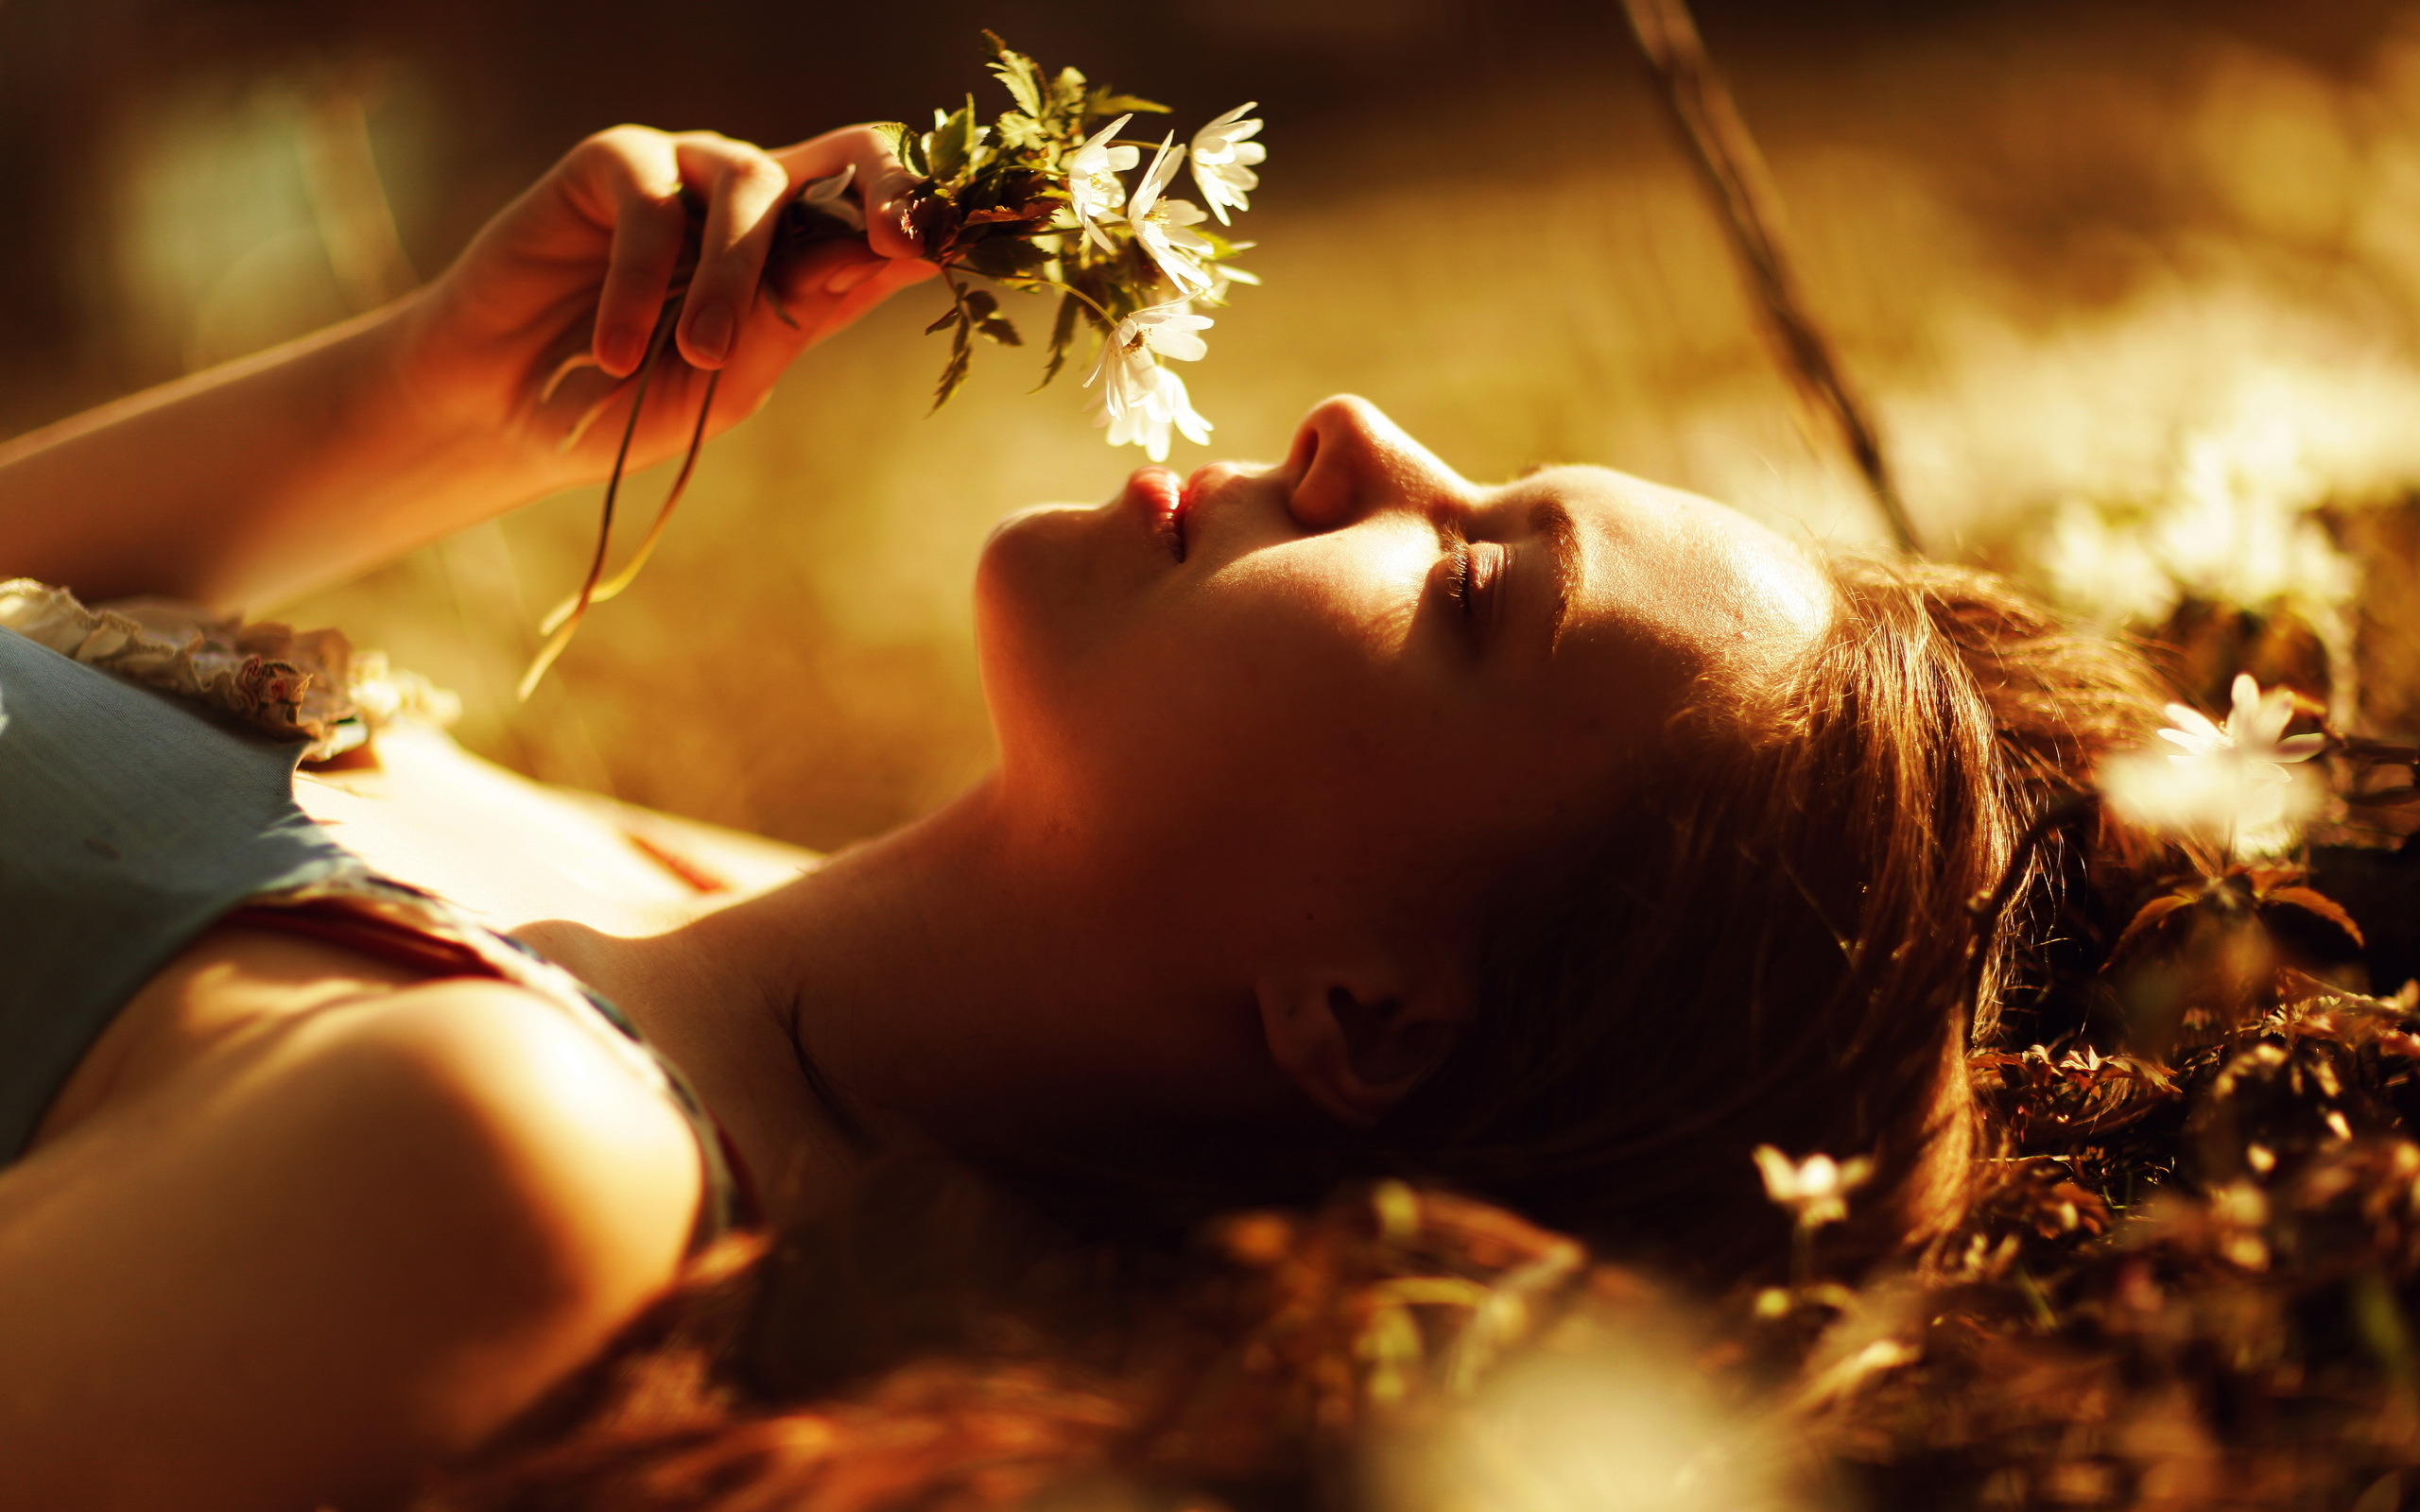 девушка лицо цветы розы природа трава скачать